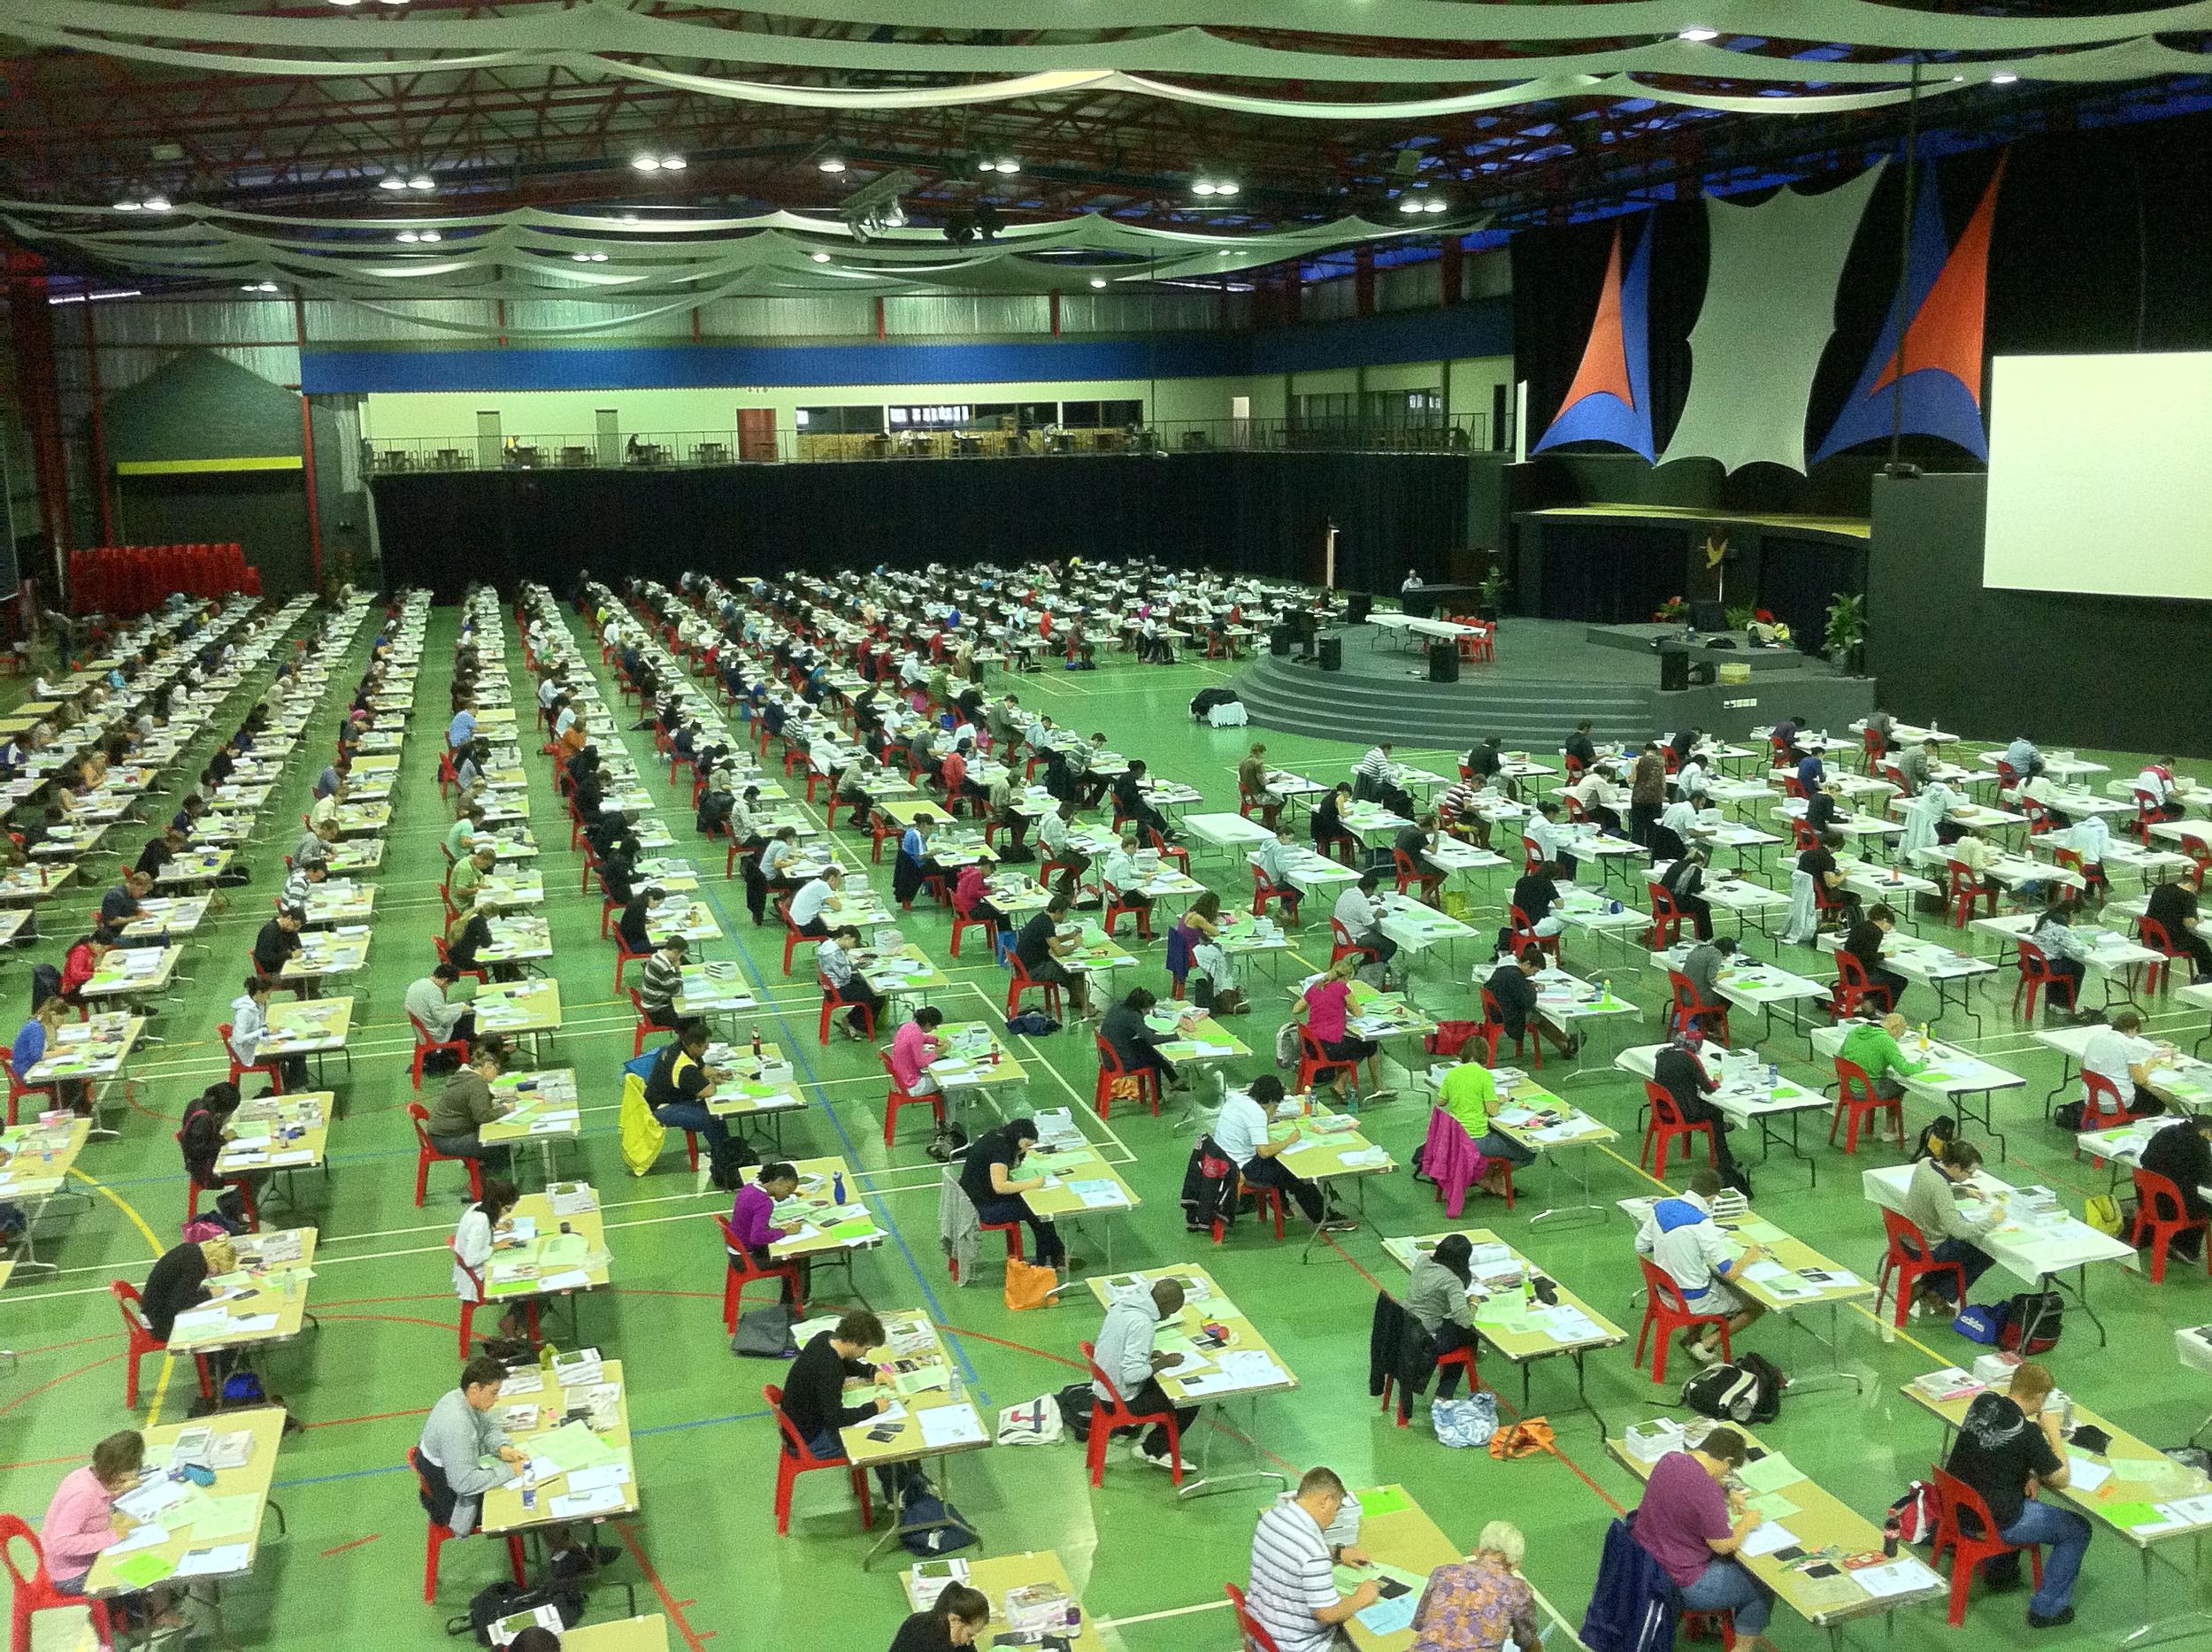 SAICA Examinations event venue